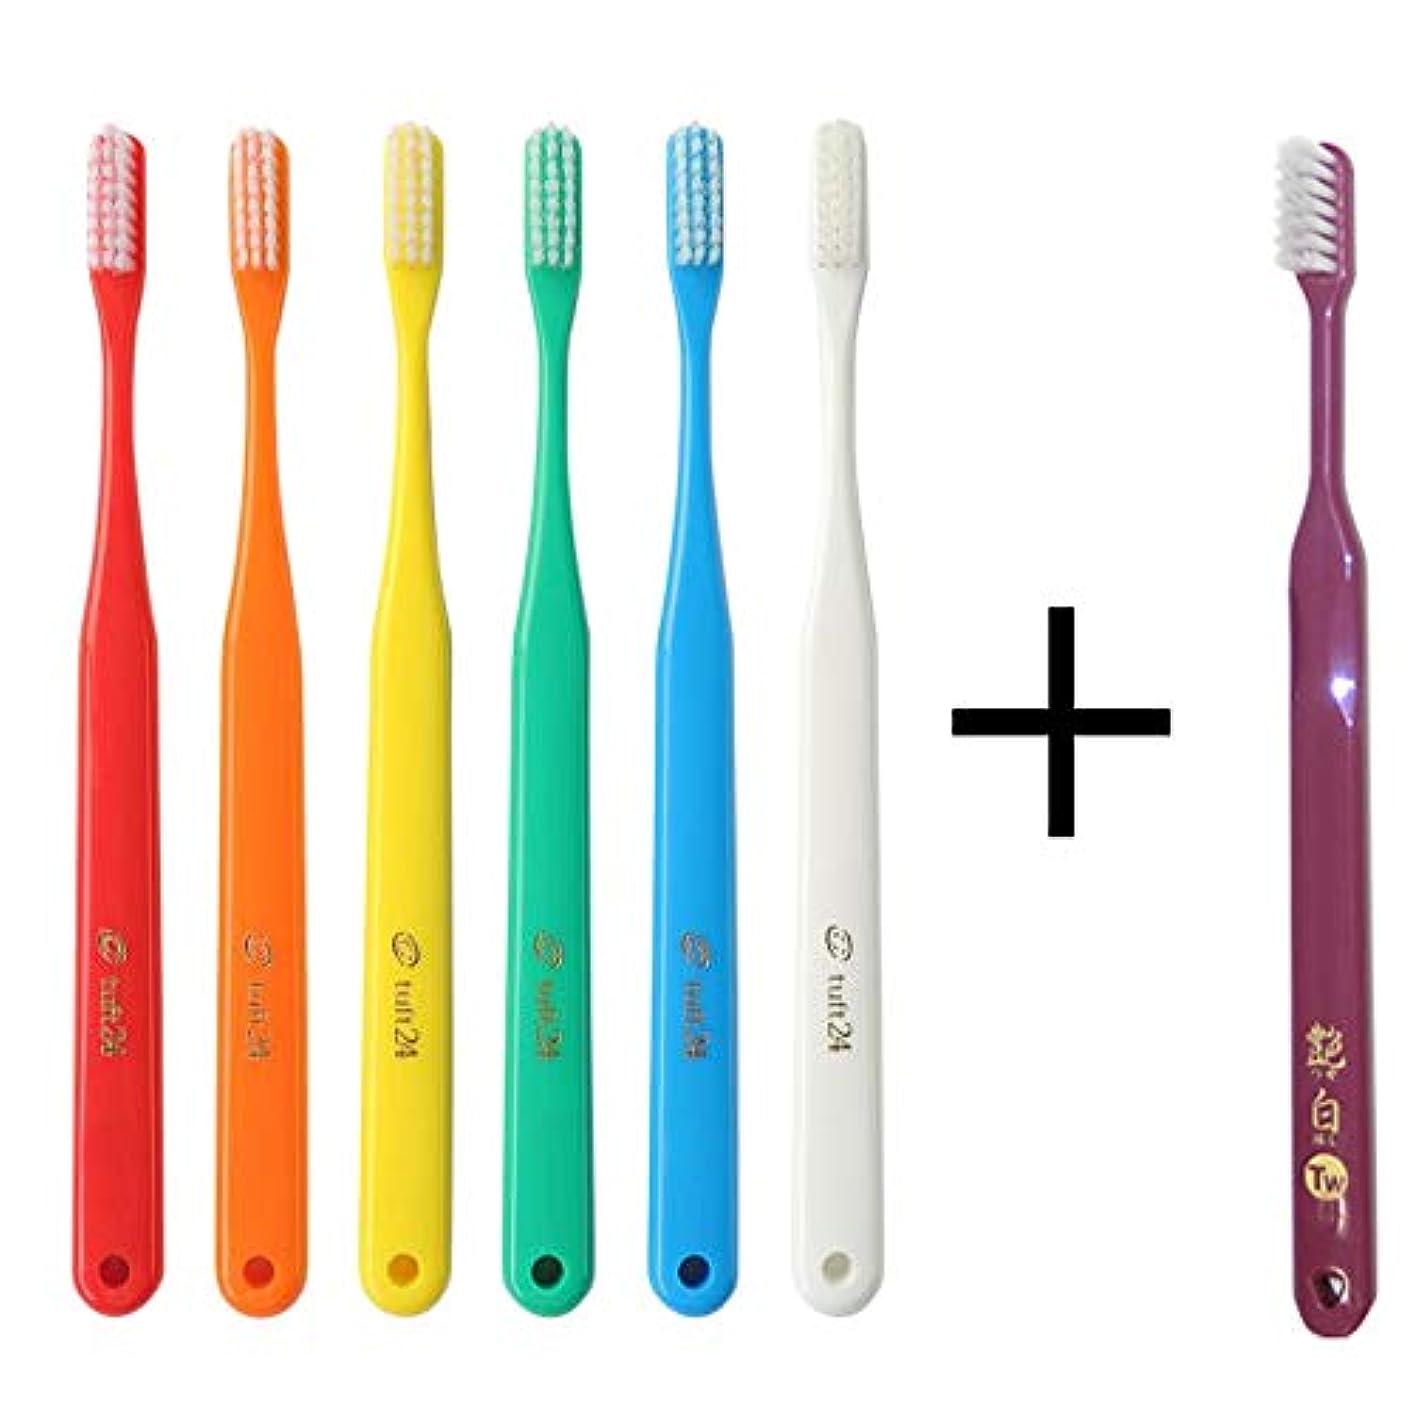 合理化物理ウェーハキャップなし タフト24 歯ブラシ × 25本入 S (アソート) + 艶白 歯ブラシ (日本製) ×1本 MS(やややわらかめ) 大人用歯ブラシ 歯科医院取扱品